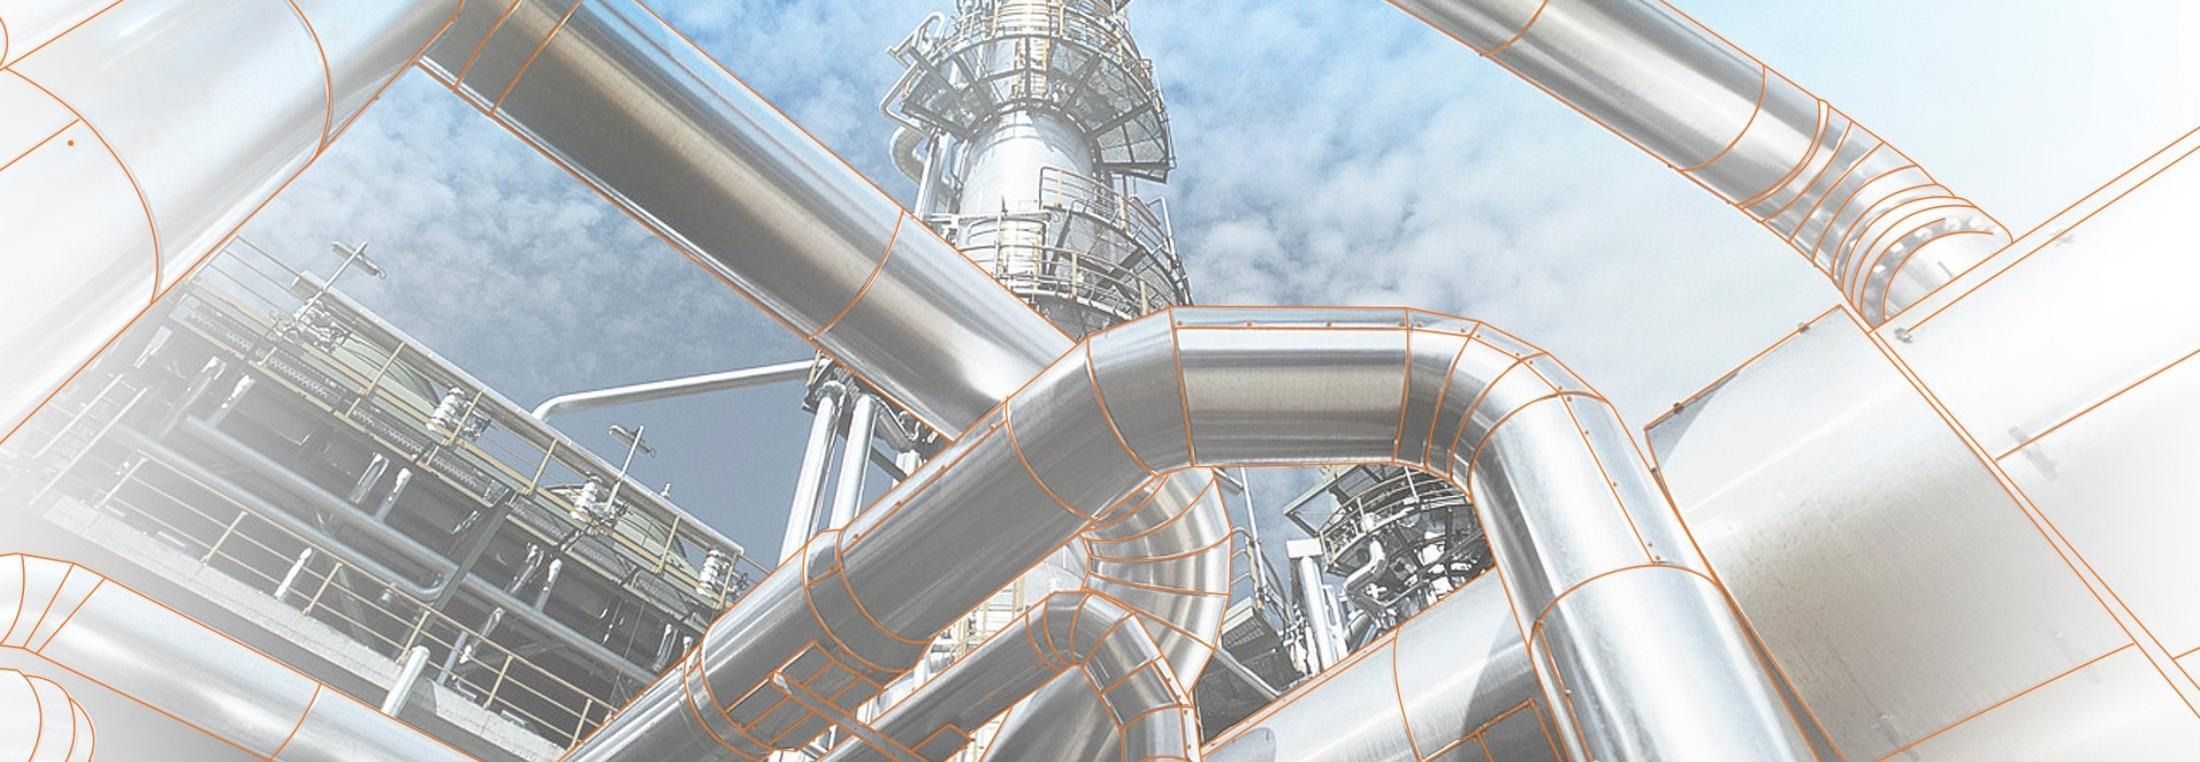 Integridad de ductos y tuberías para evitar la corrosión